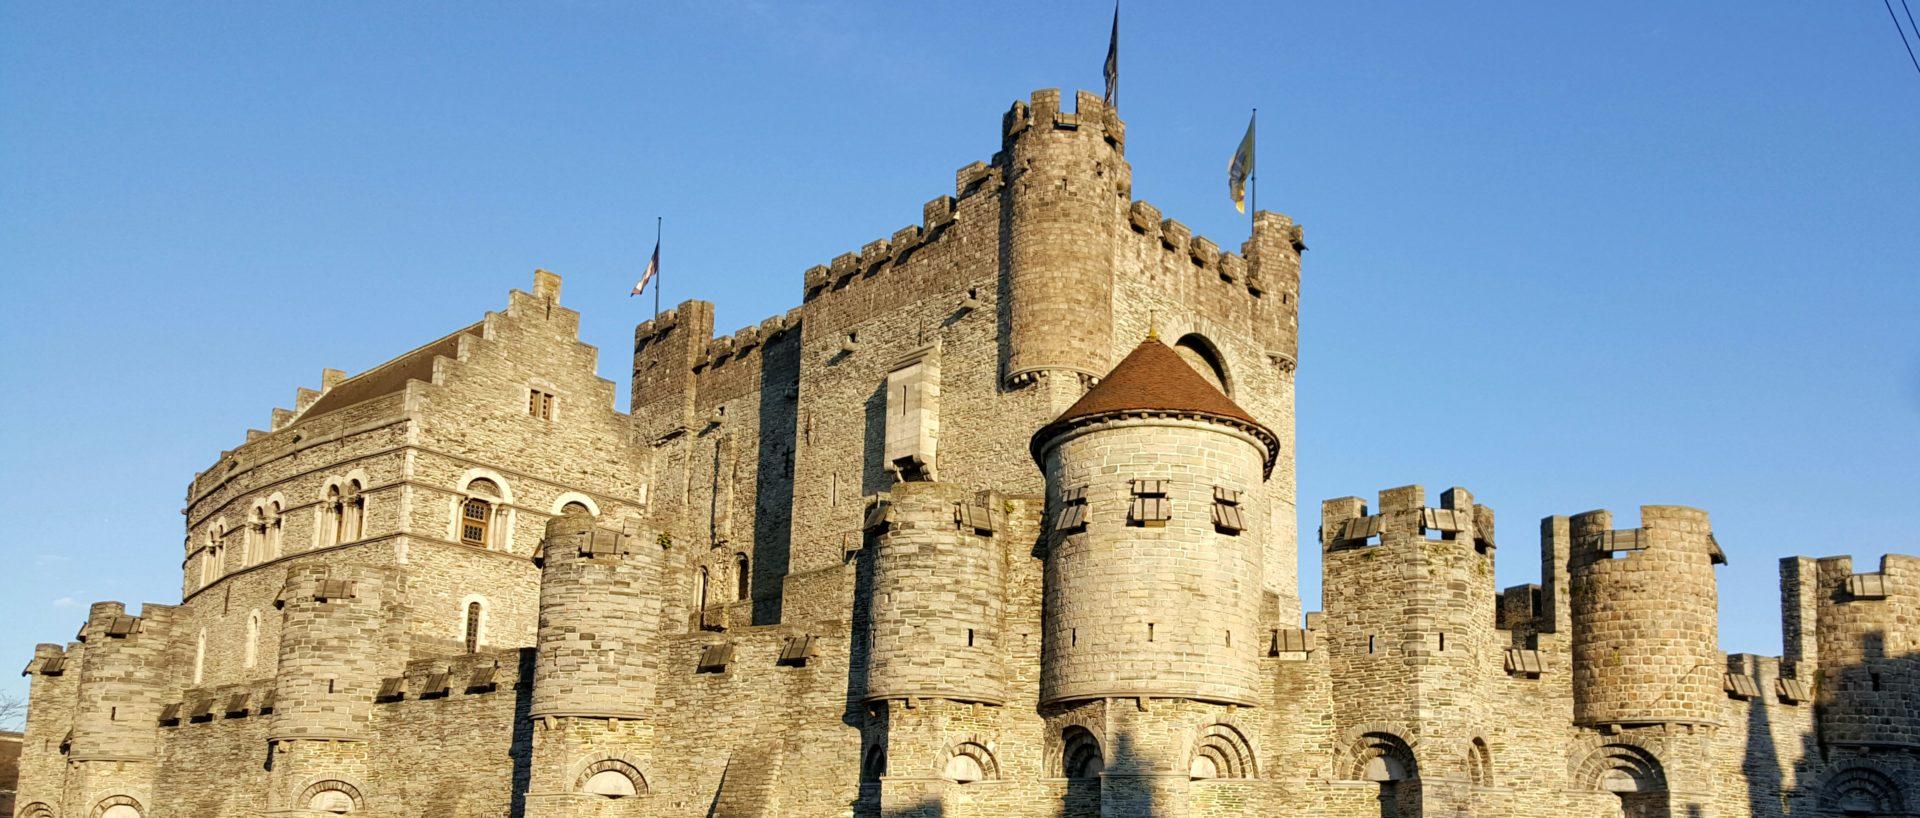 gand belgio castello